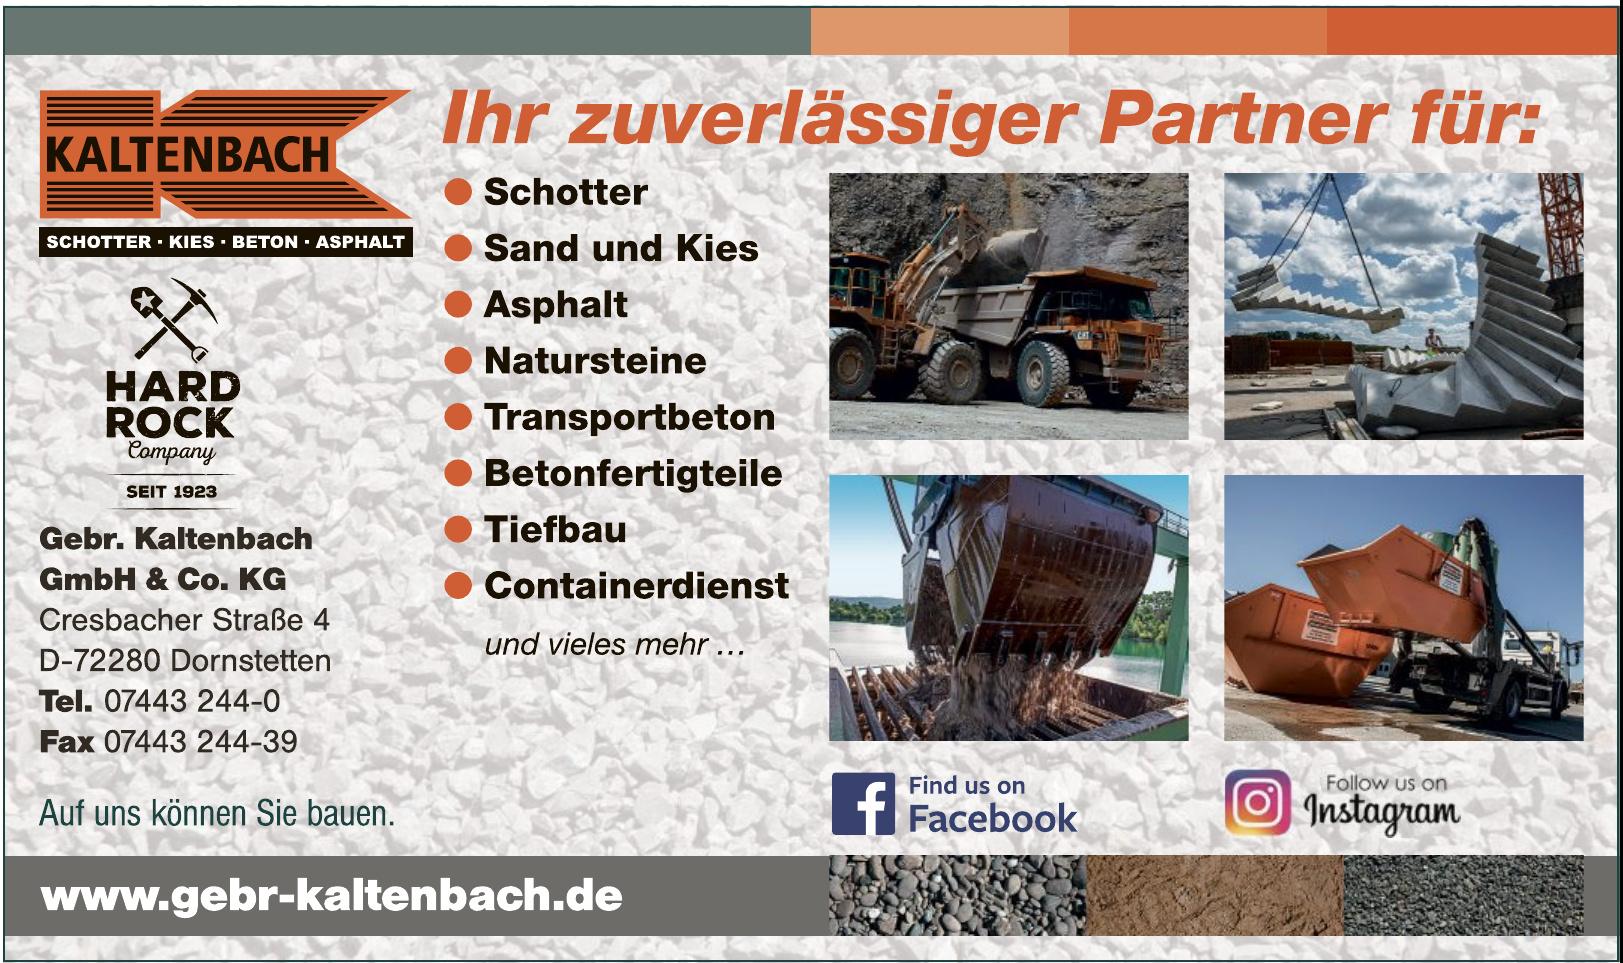 Gebr. Kaltenbach GmbH & Co. KG